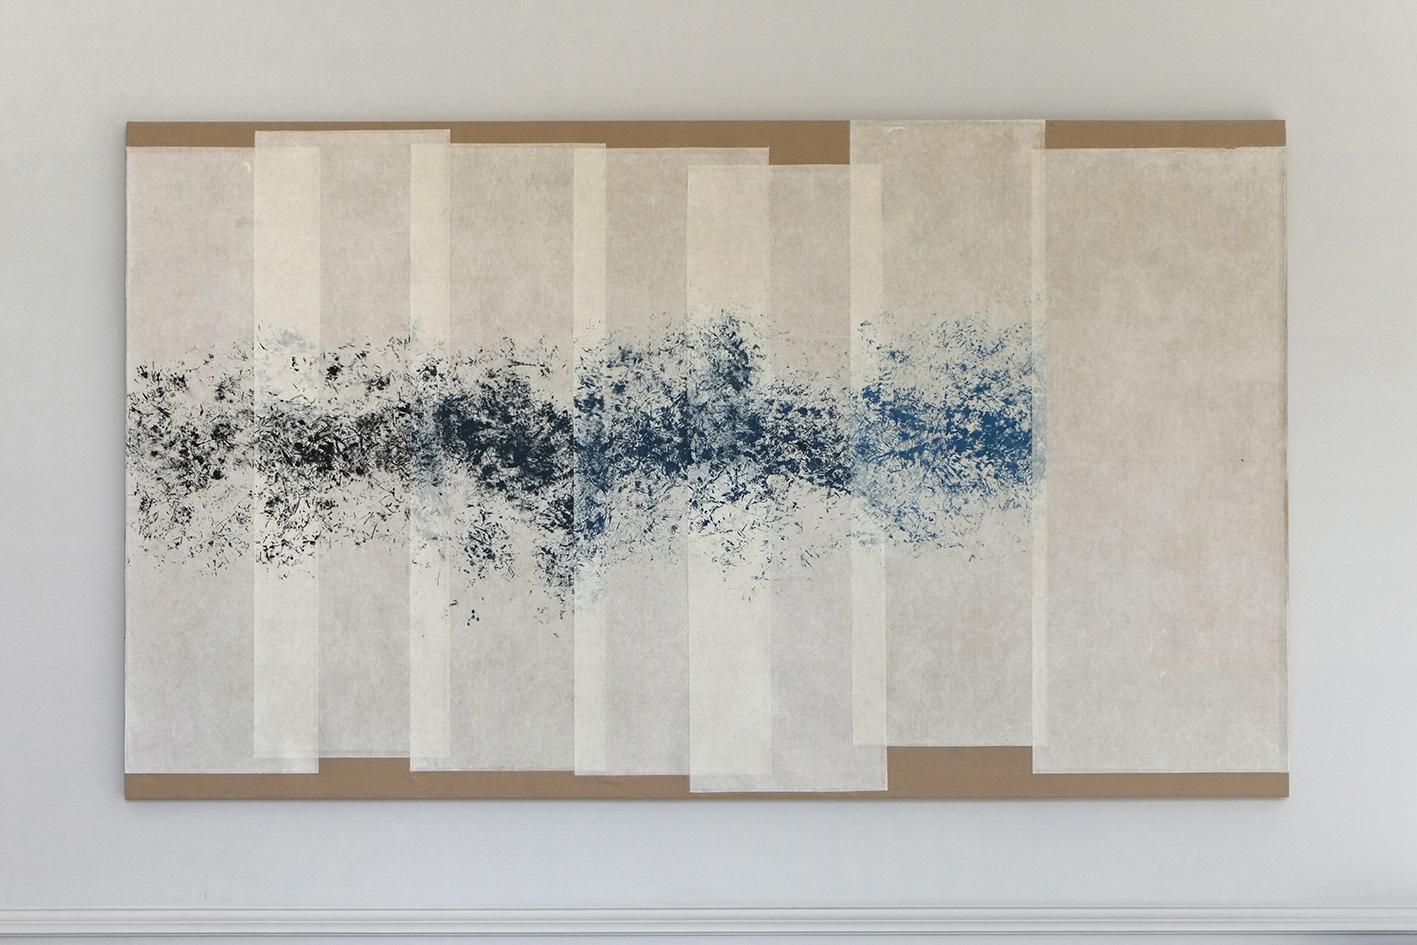 Atelier Strate après strate - <i>L'eau, strate après strate</i> - Agnès Prévost